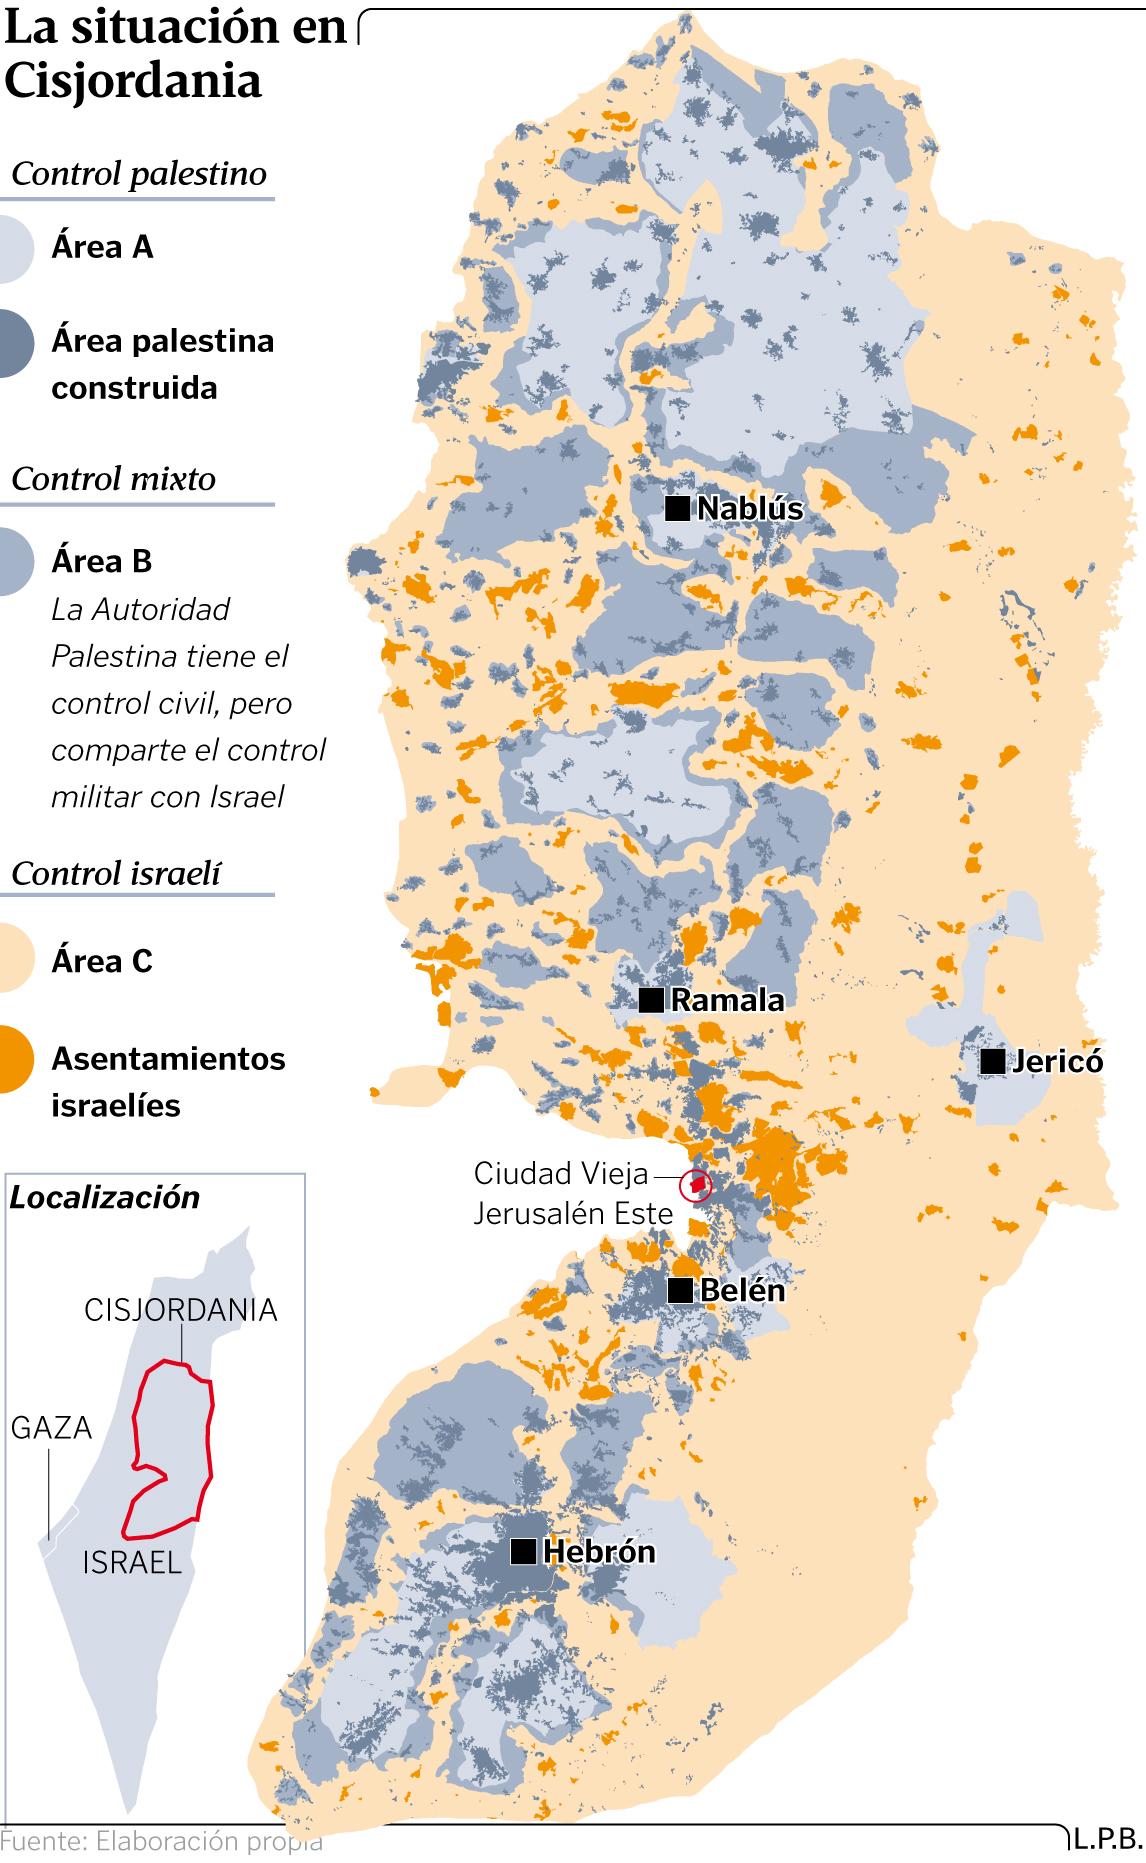 Palestina: Violencia ejercida por Israel en la ocupación. Respuestas y acciones militares palestinas. - Página 14 Israel